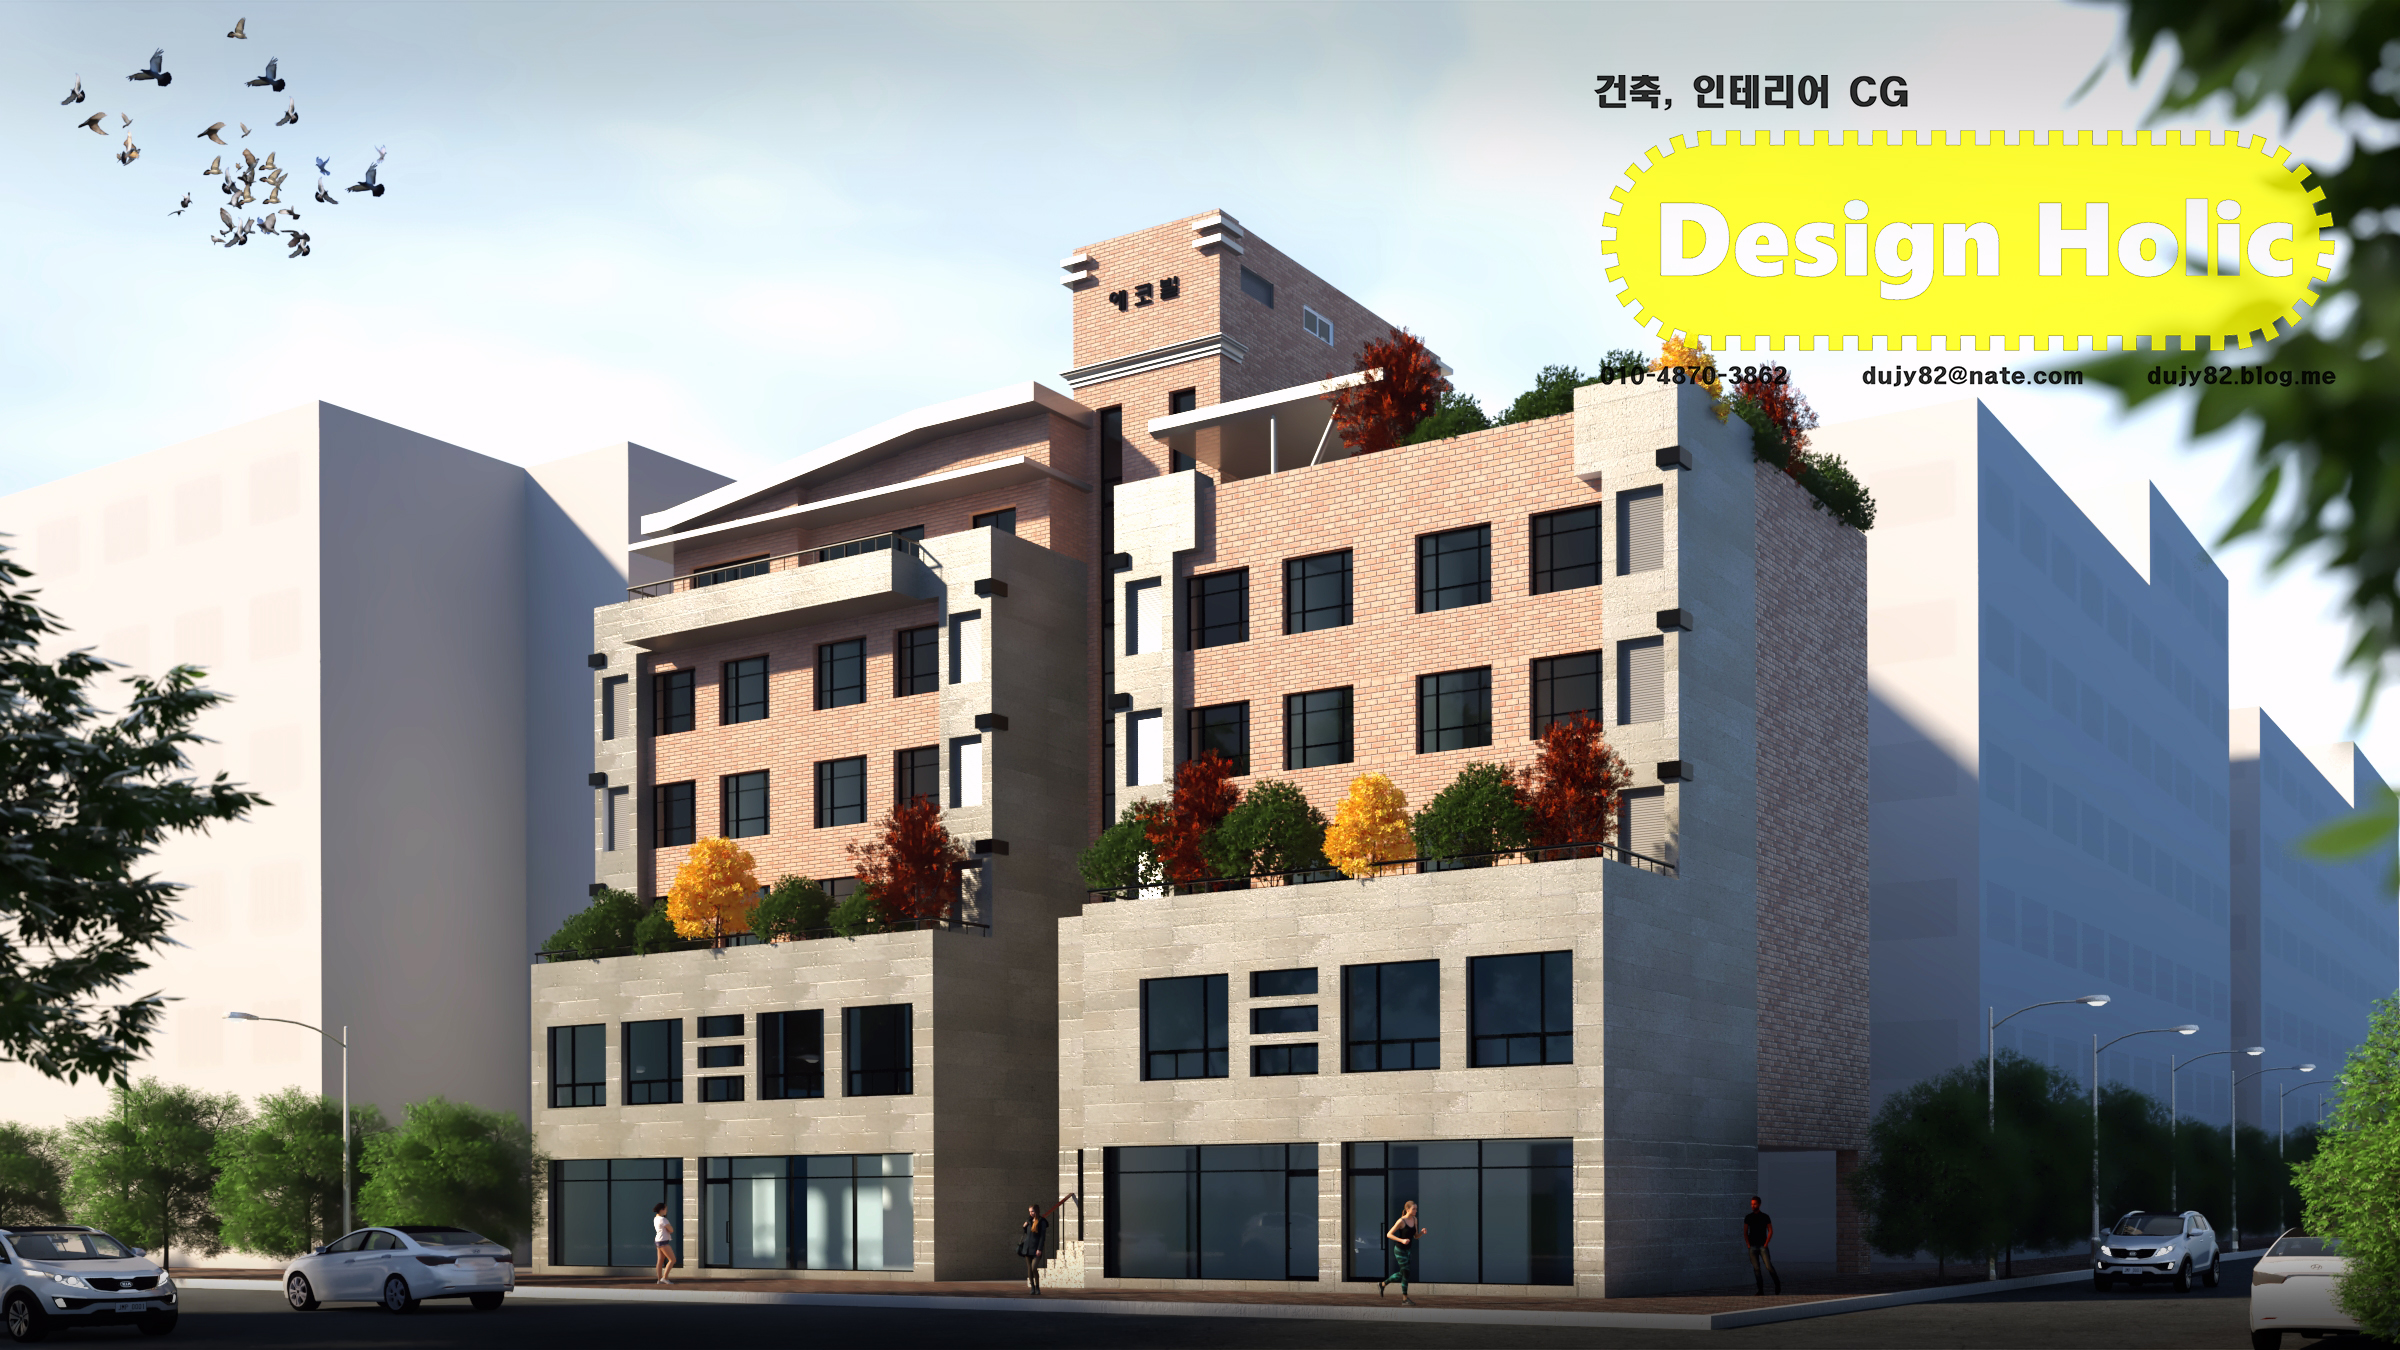 오피스텔 건물 투시도 조감도 아이소메트릭 외주 건축 심의용 브로셔 3D CG 프리랜서.jpg